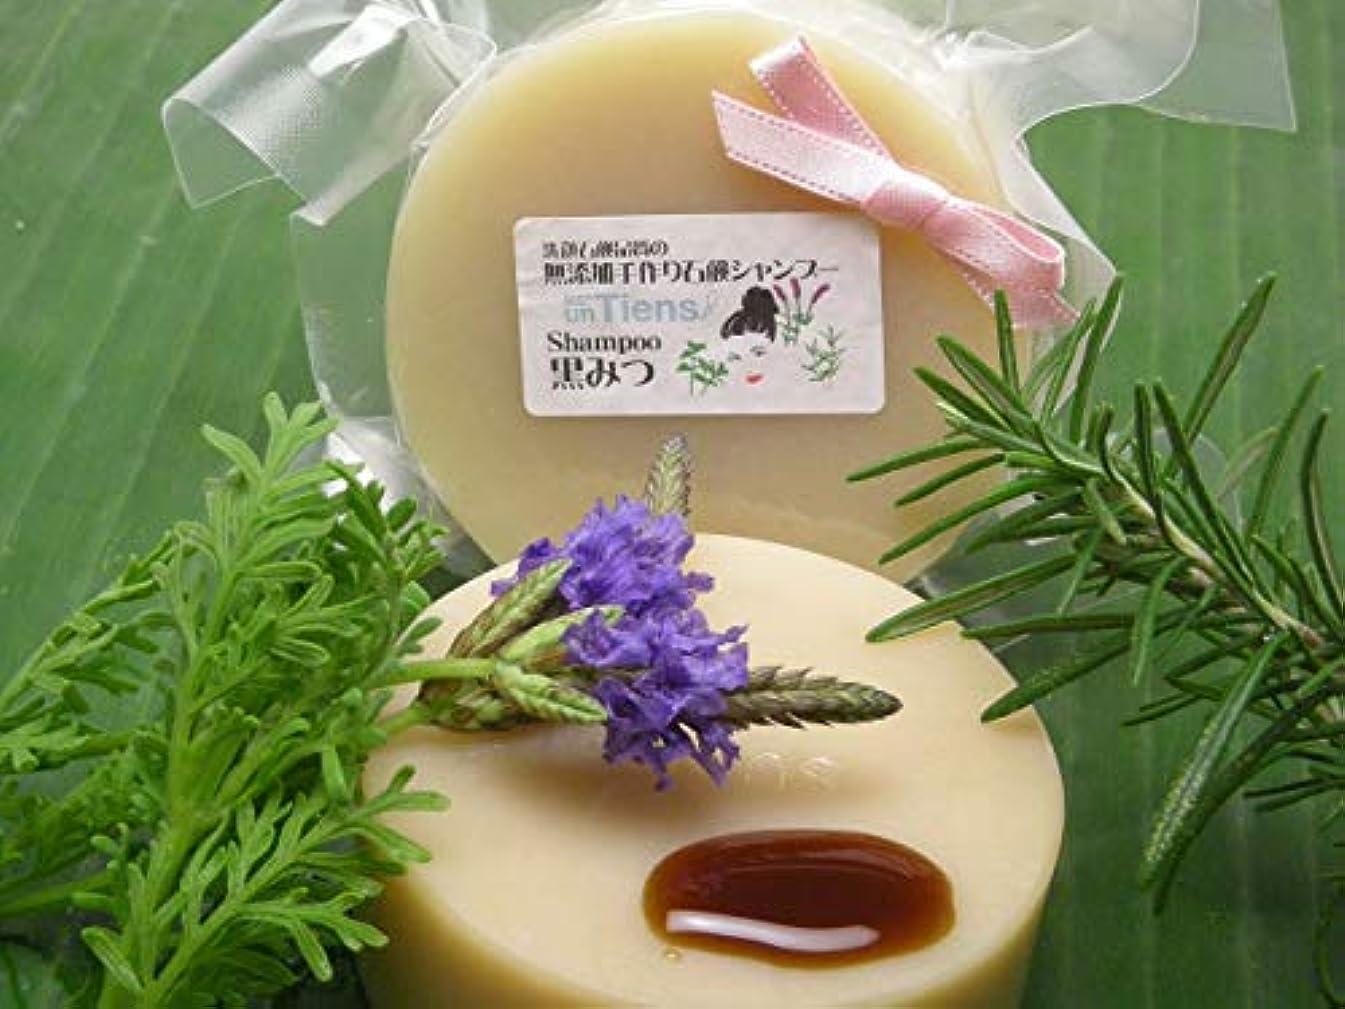 着服臨検注釈を付ける洗顔石鹸品質の無添加手作り固形石鹸シャンプー 「黒みつ」たっぷり使える丸型 お得な3個セット300g